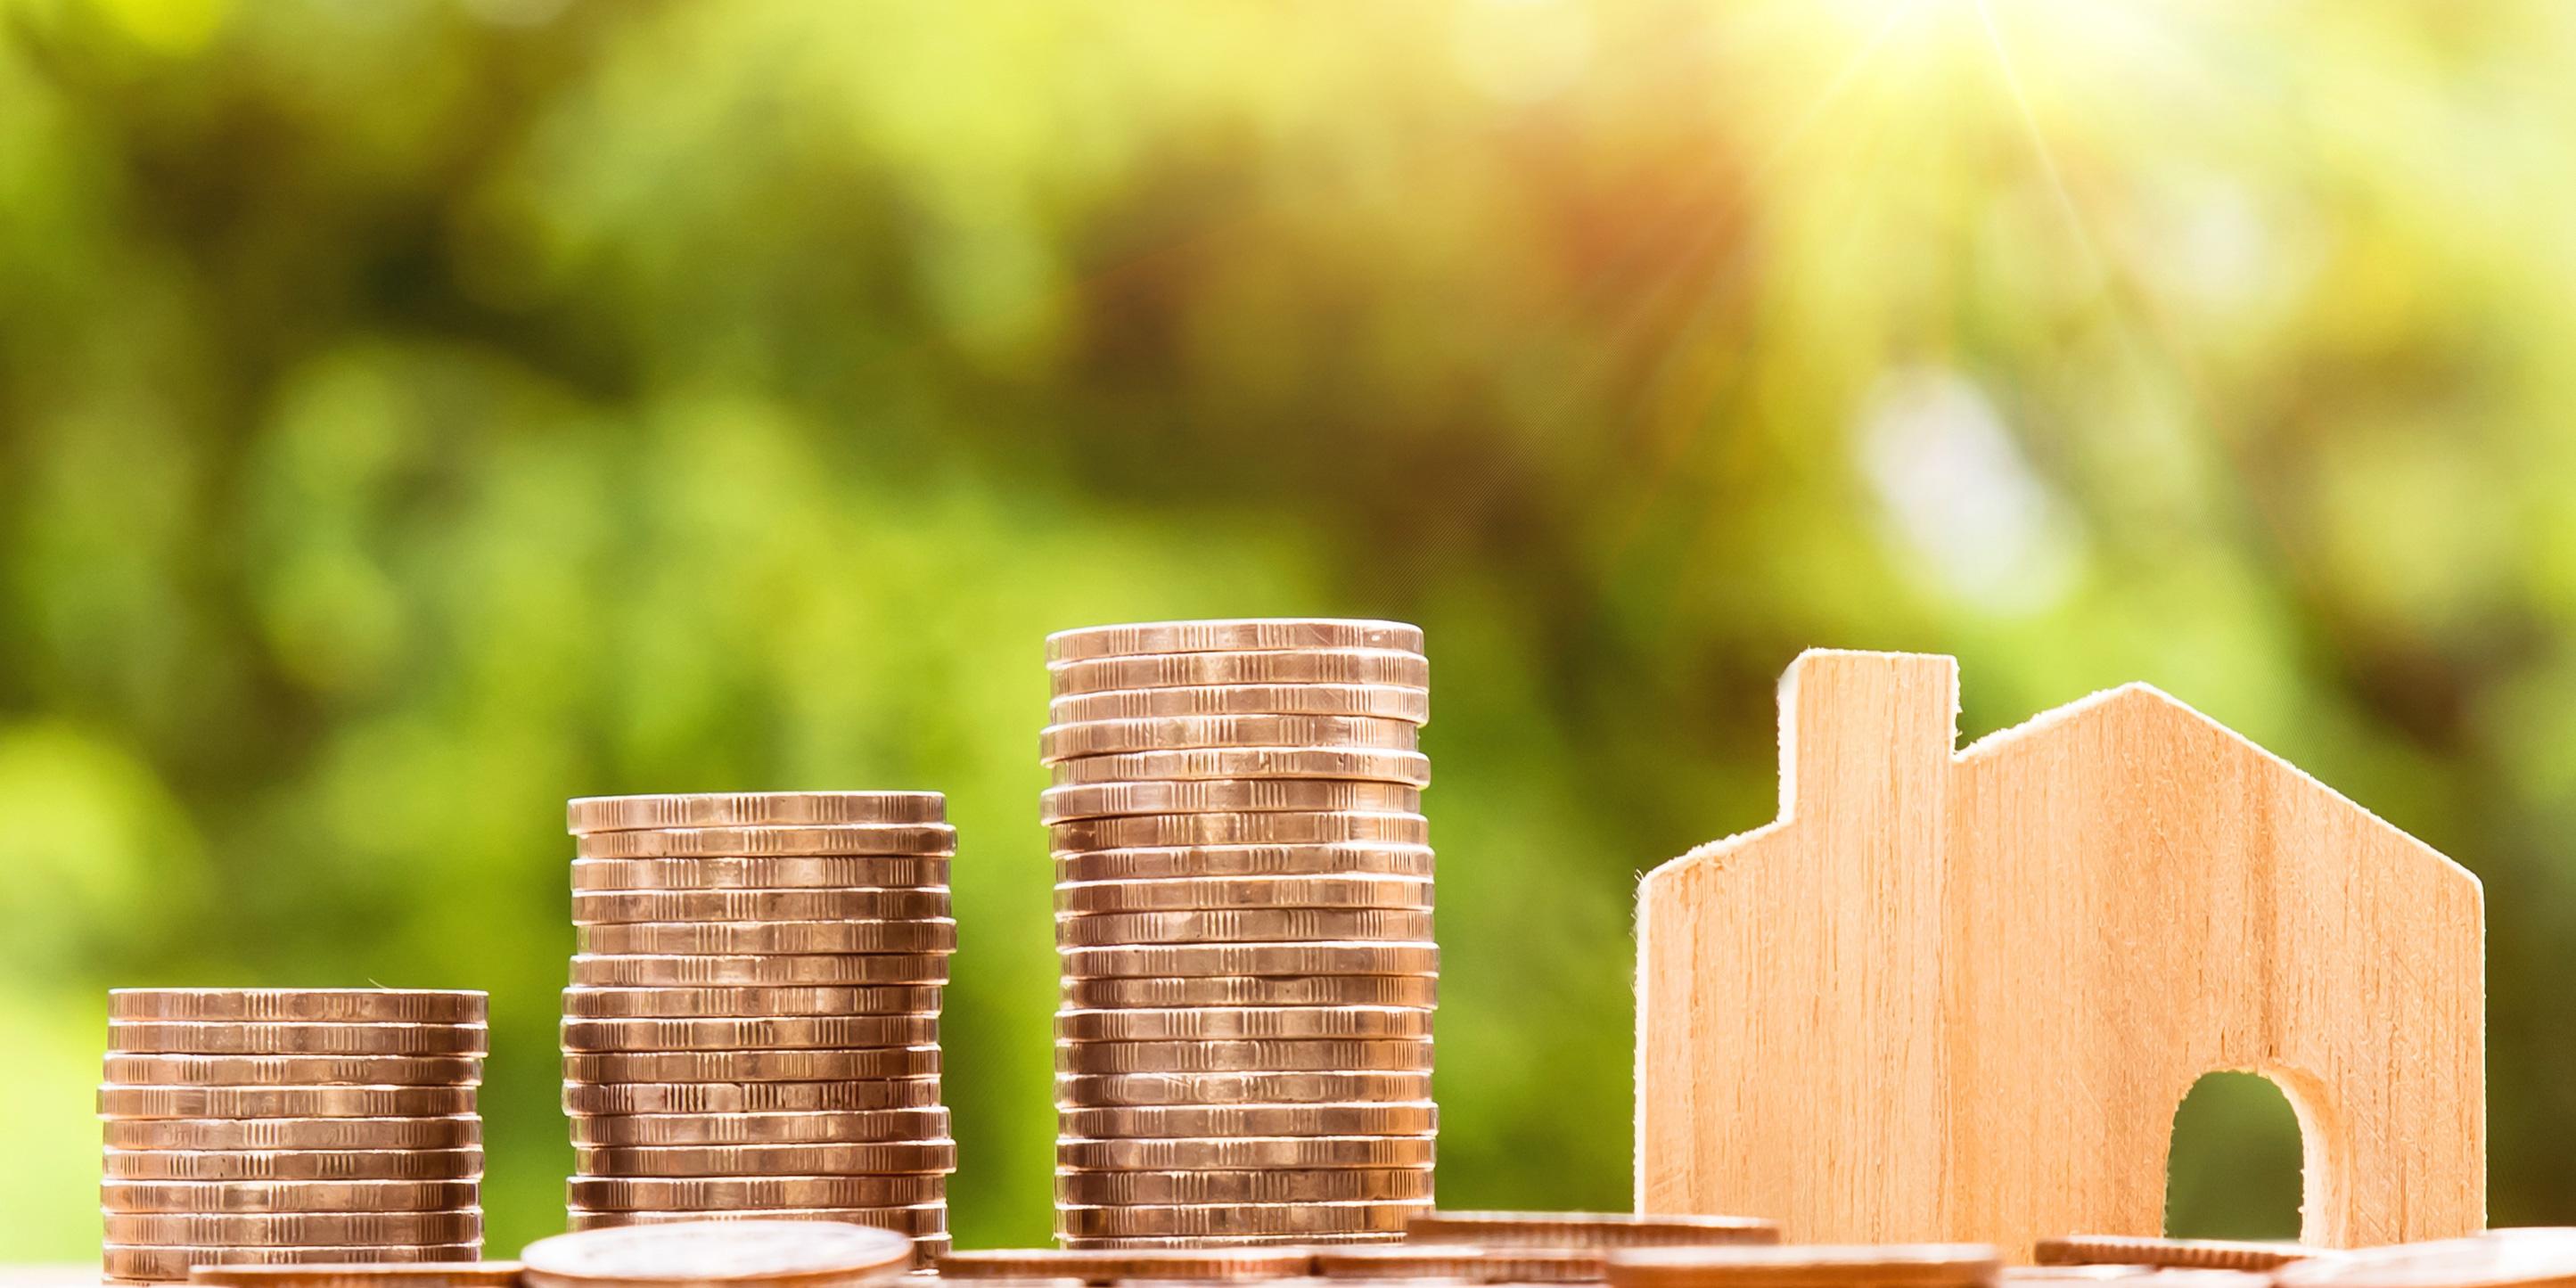 Münzgeld und ein Spielzeughaus